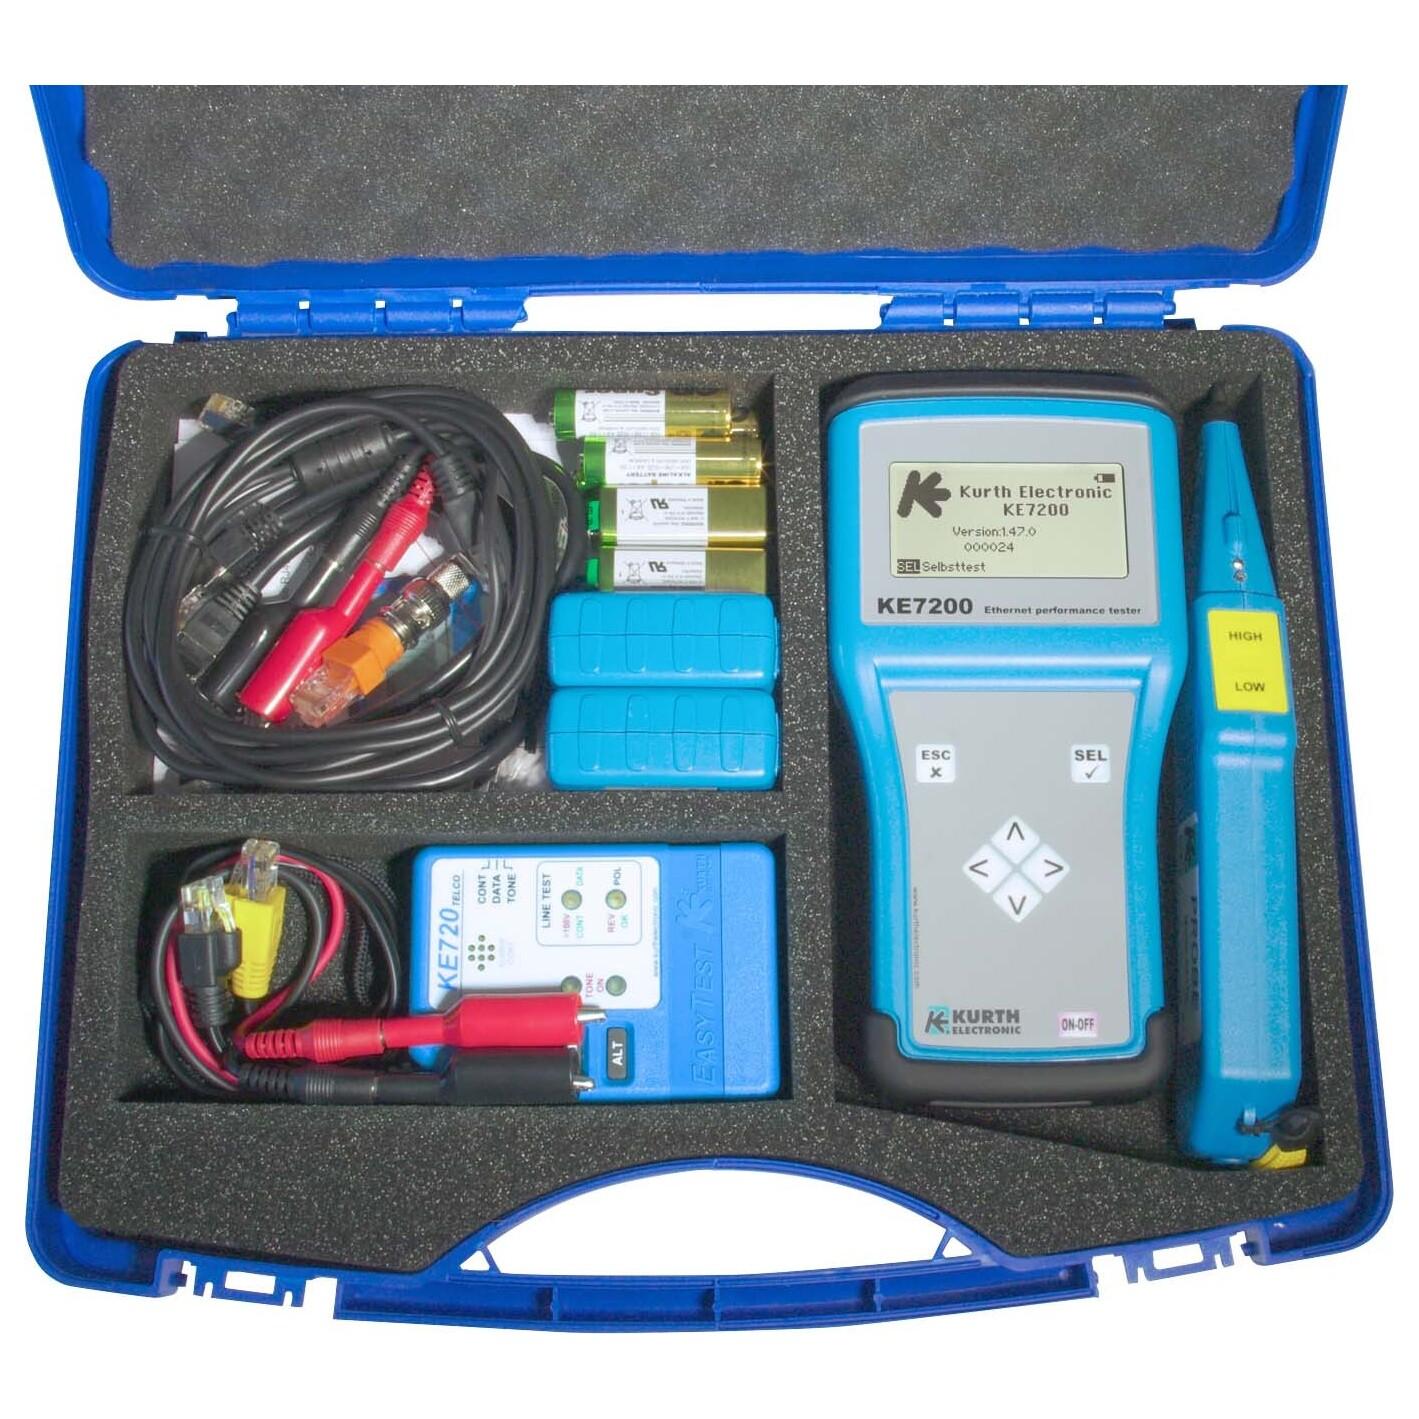 Kurth Electronic KE7200 Netzwerktester Set KE 7207